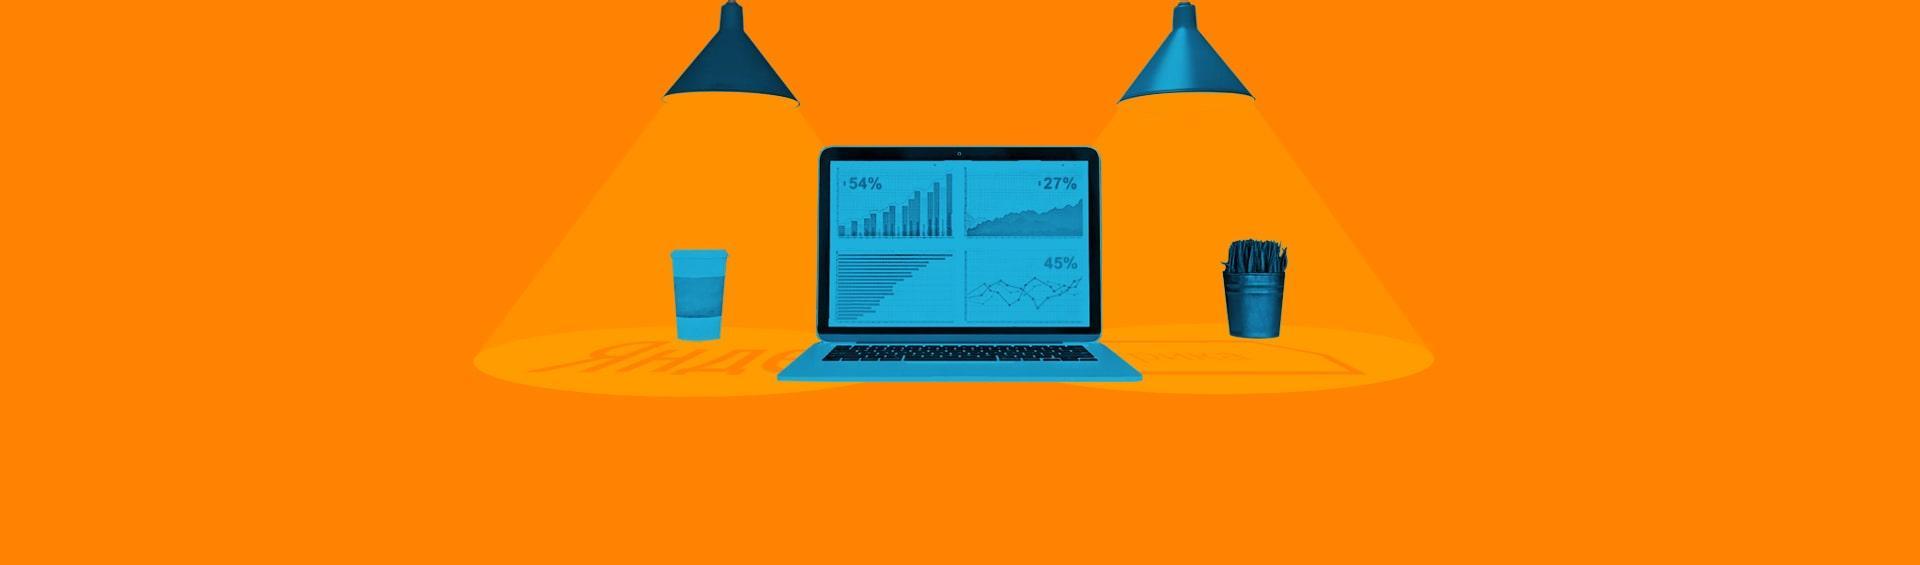 Каксмотреть статистику email-рассылок вЯндекс.Метрике